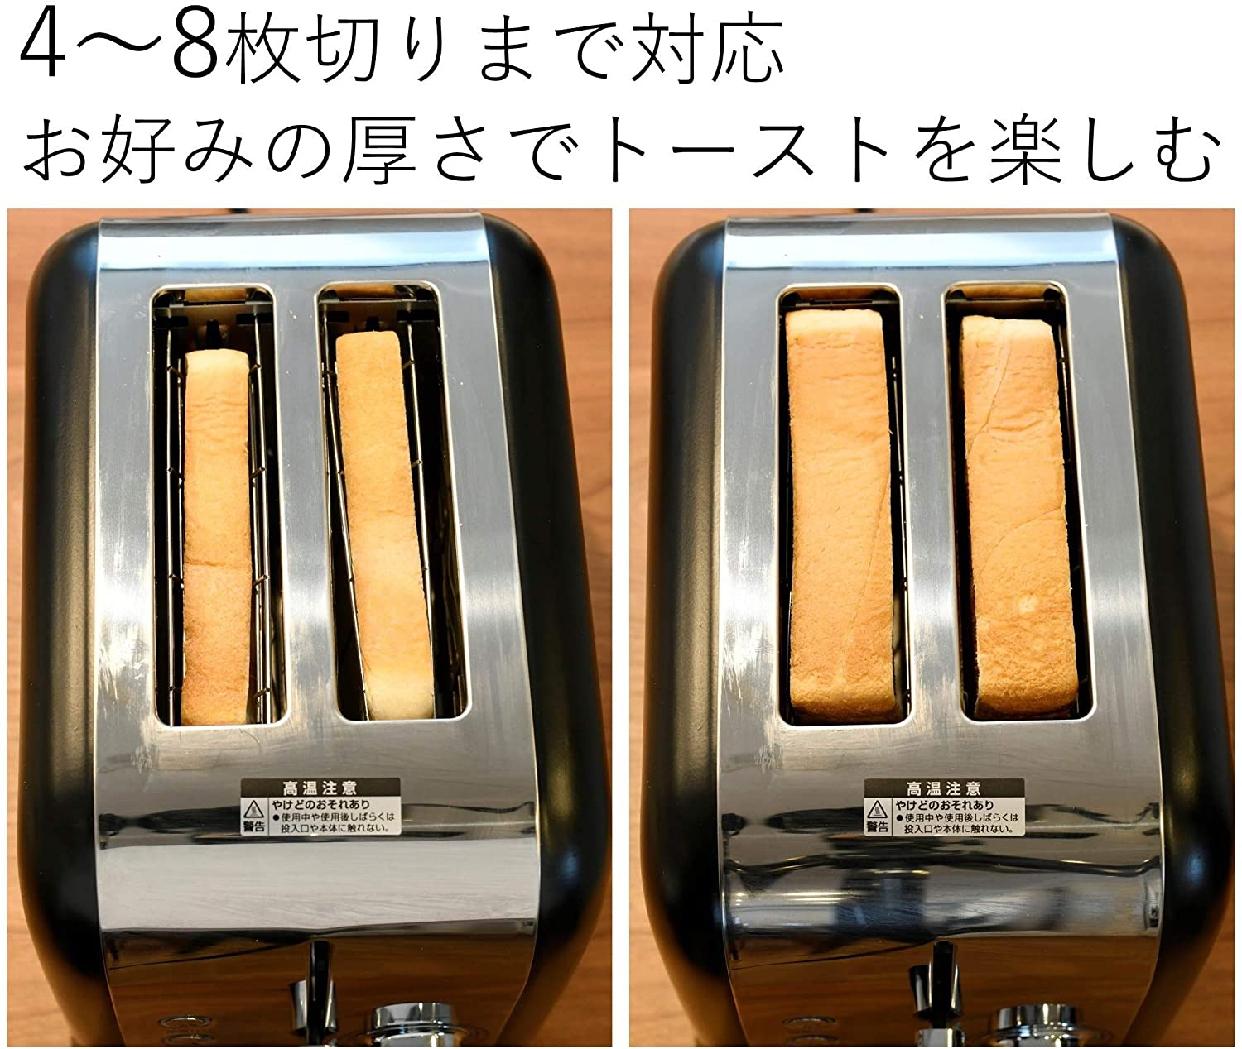 山善(YAMAZEN) ポップアップトースター シルバー YUC-S850の商品画像5